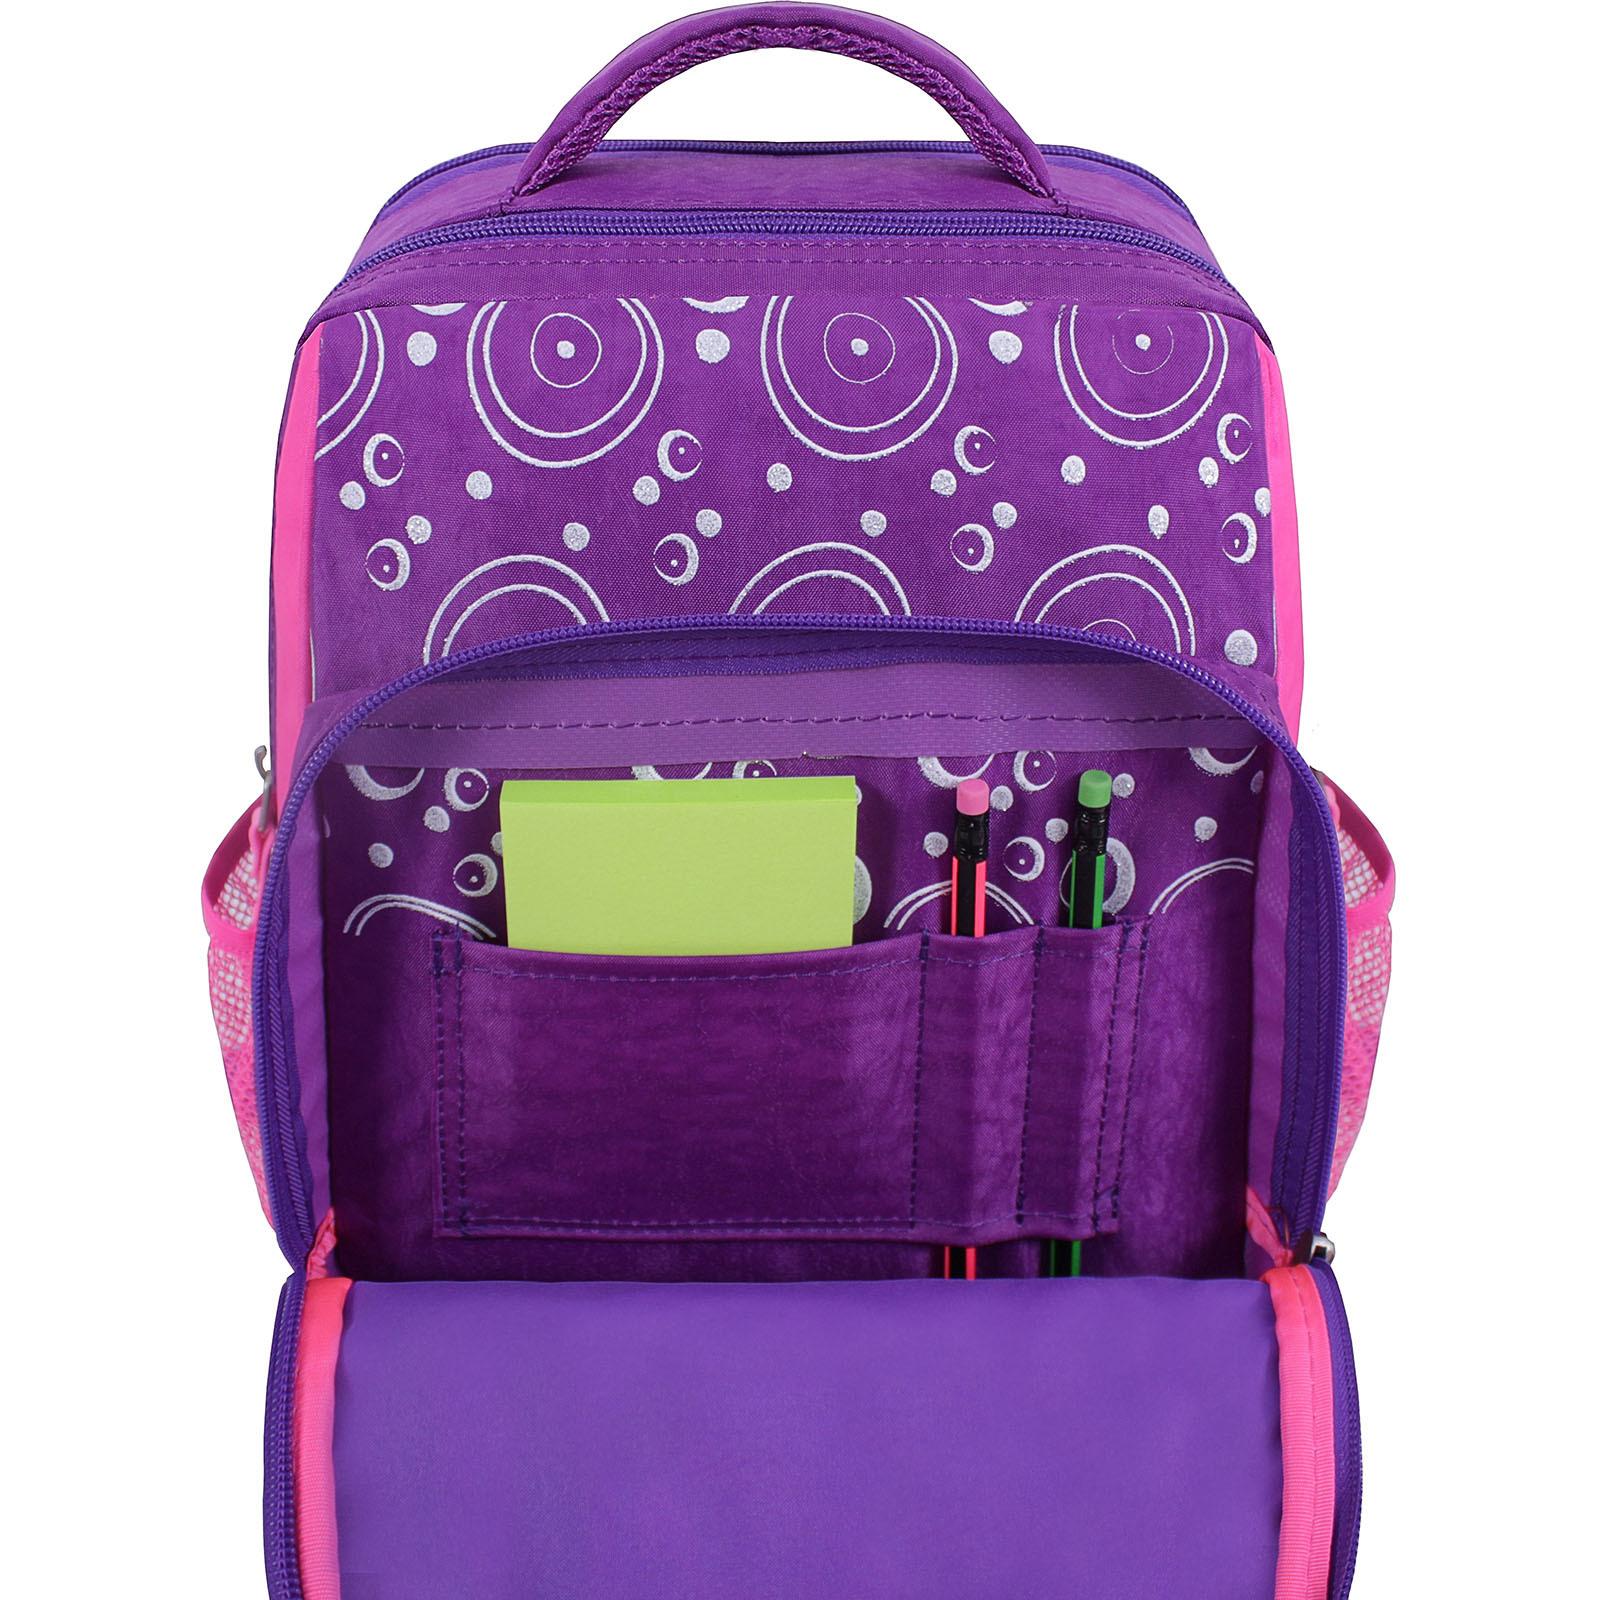 Рюкзак школьный Bagland Школьник 8 л. фиолетовый 501 (0012870) фото 4